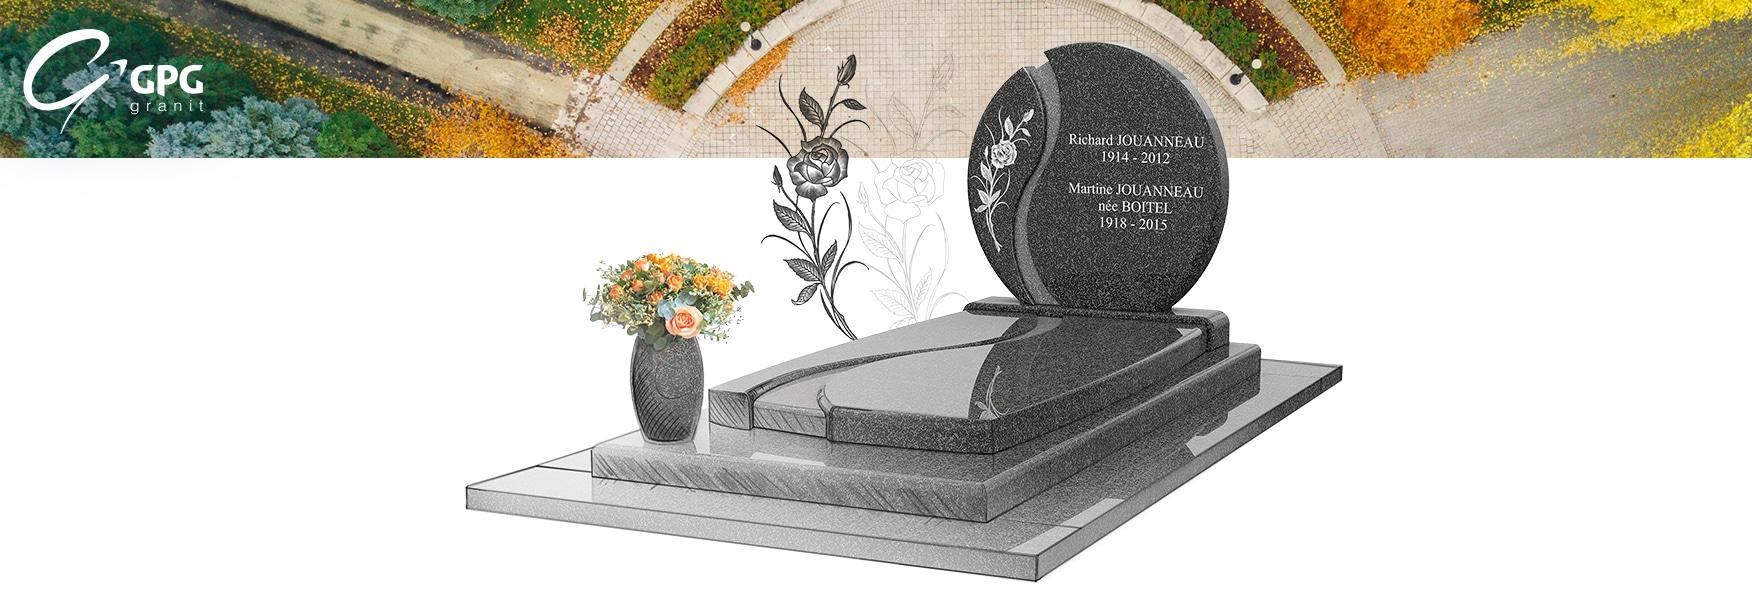 Le monument funéraire inspirant GPG 256, à la fois moderne et classique